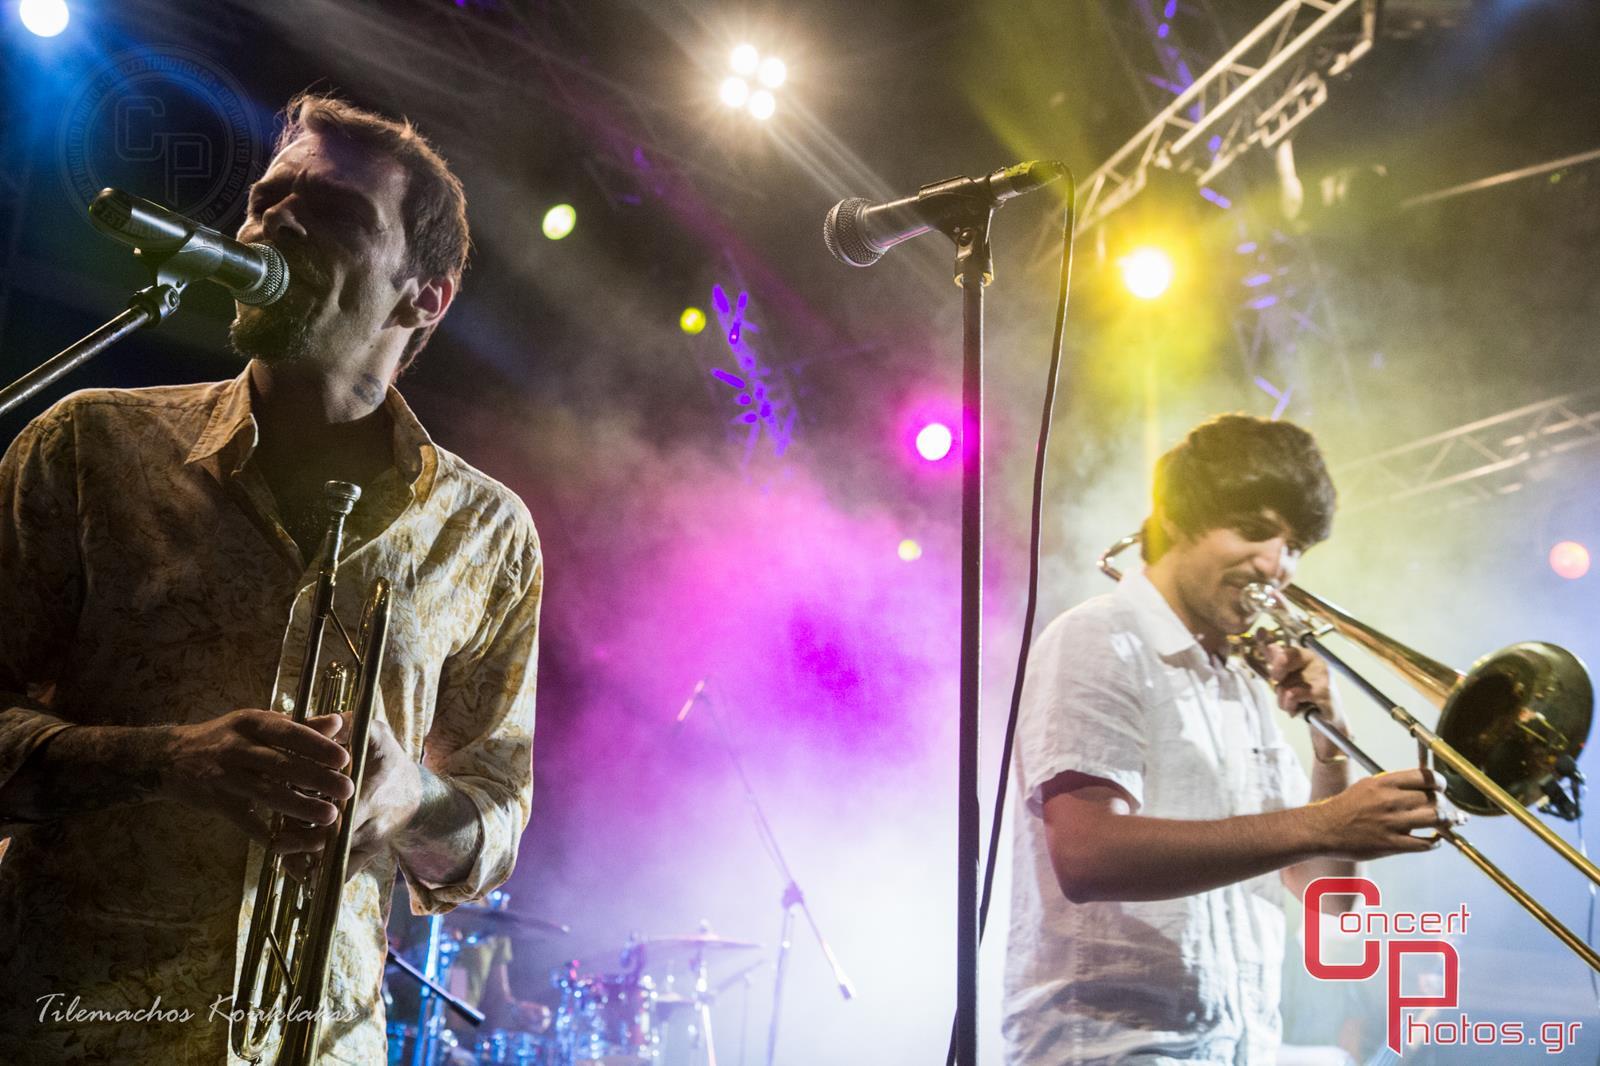 Μία συναυλία για τη Σχεδία 2014-Sxedia 2014 photographer:  - concertphotos_20140530_20_13_38-4